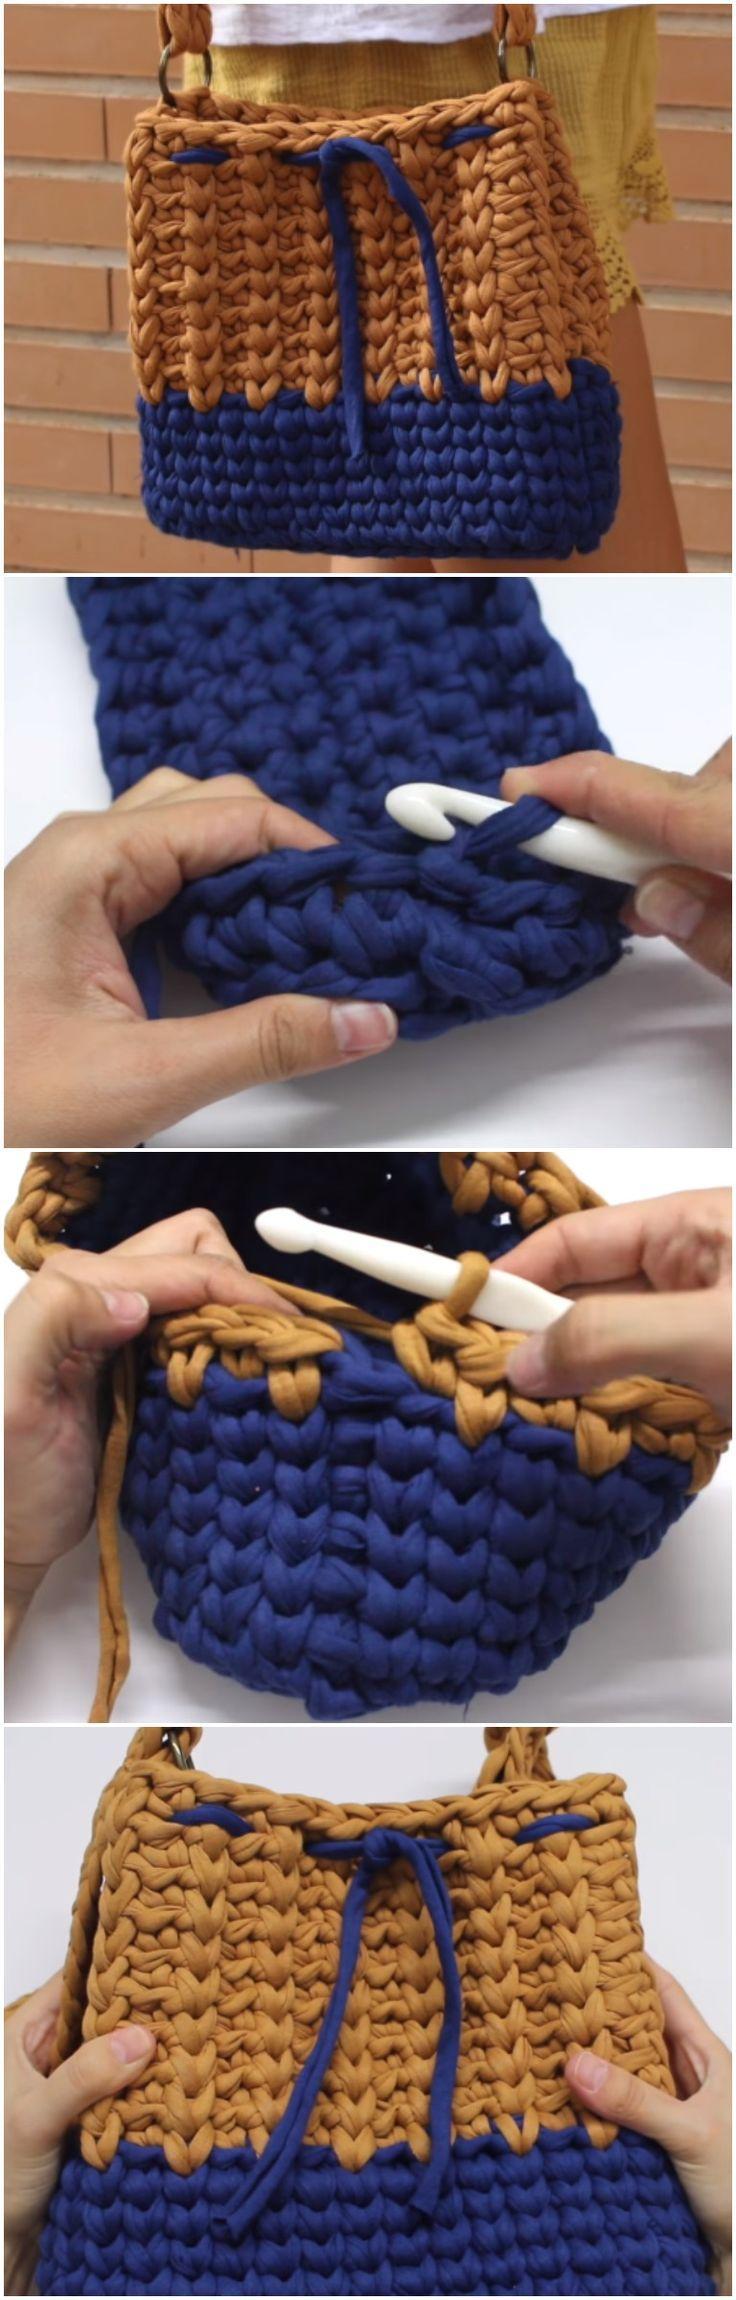 Crochet Beautiful Mustard Cloth Bag